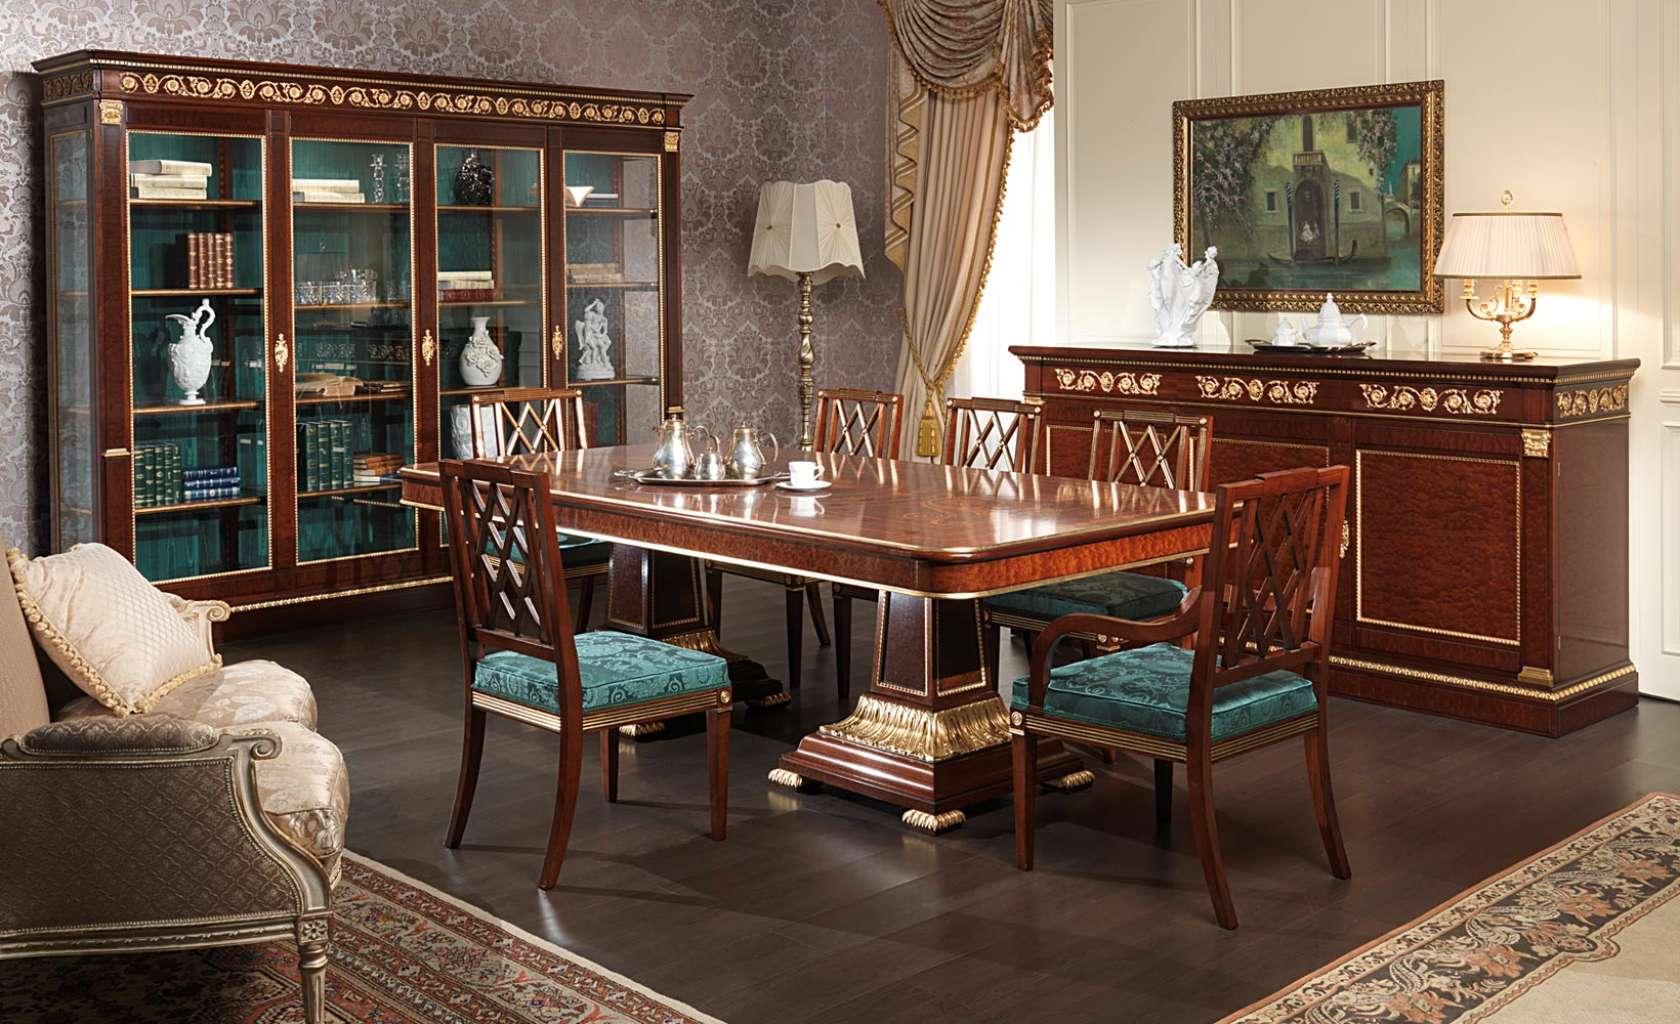 Sala da pranzo Ermitage in stile impero | Vimercati Meda